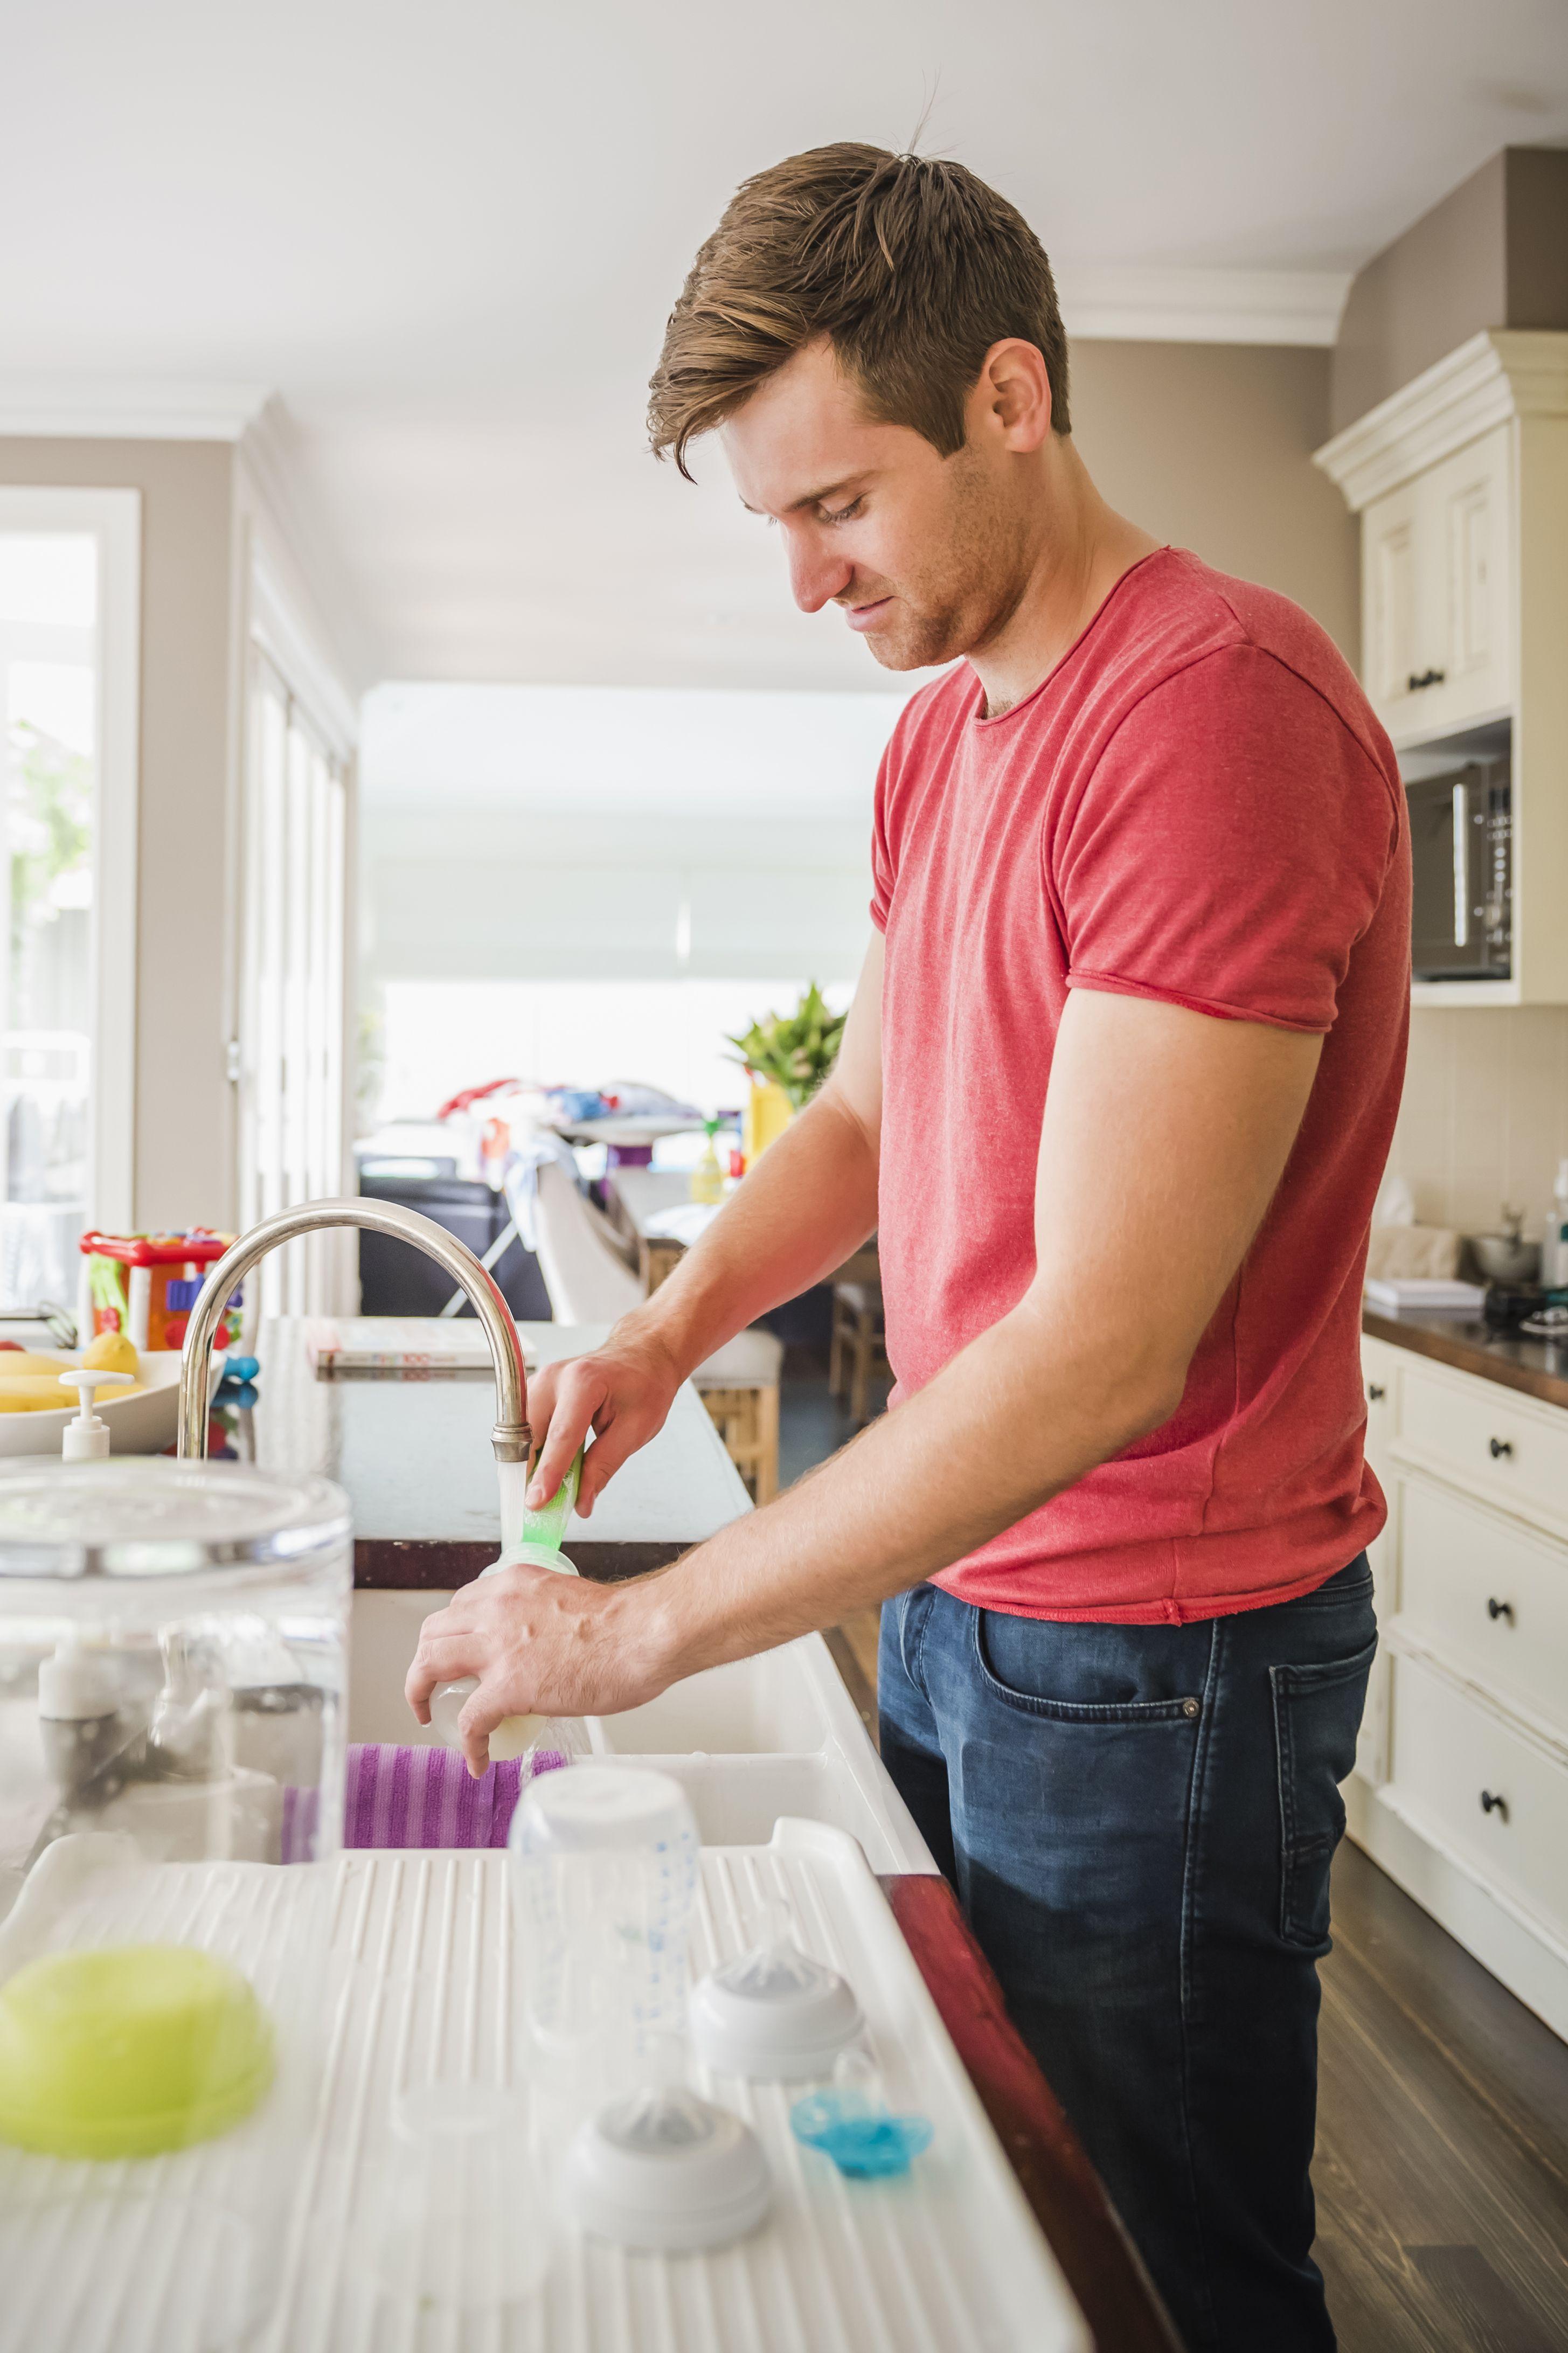 Caucasian man washing baby bottle